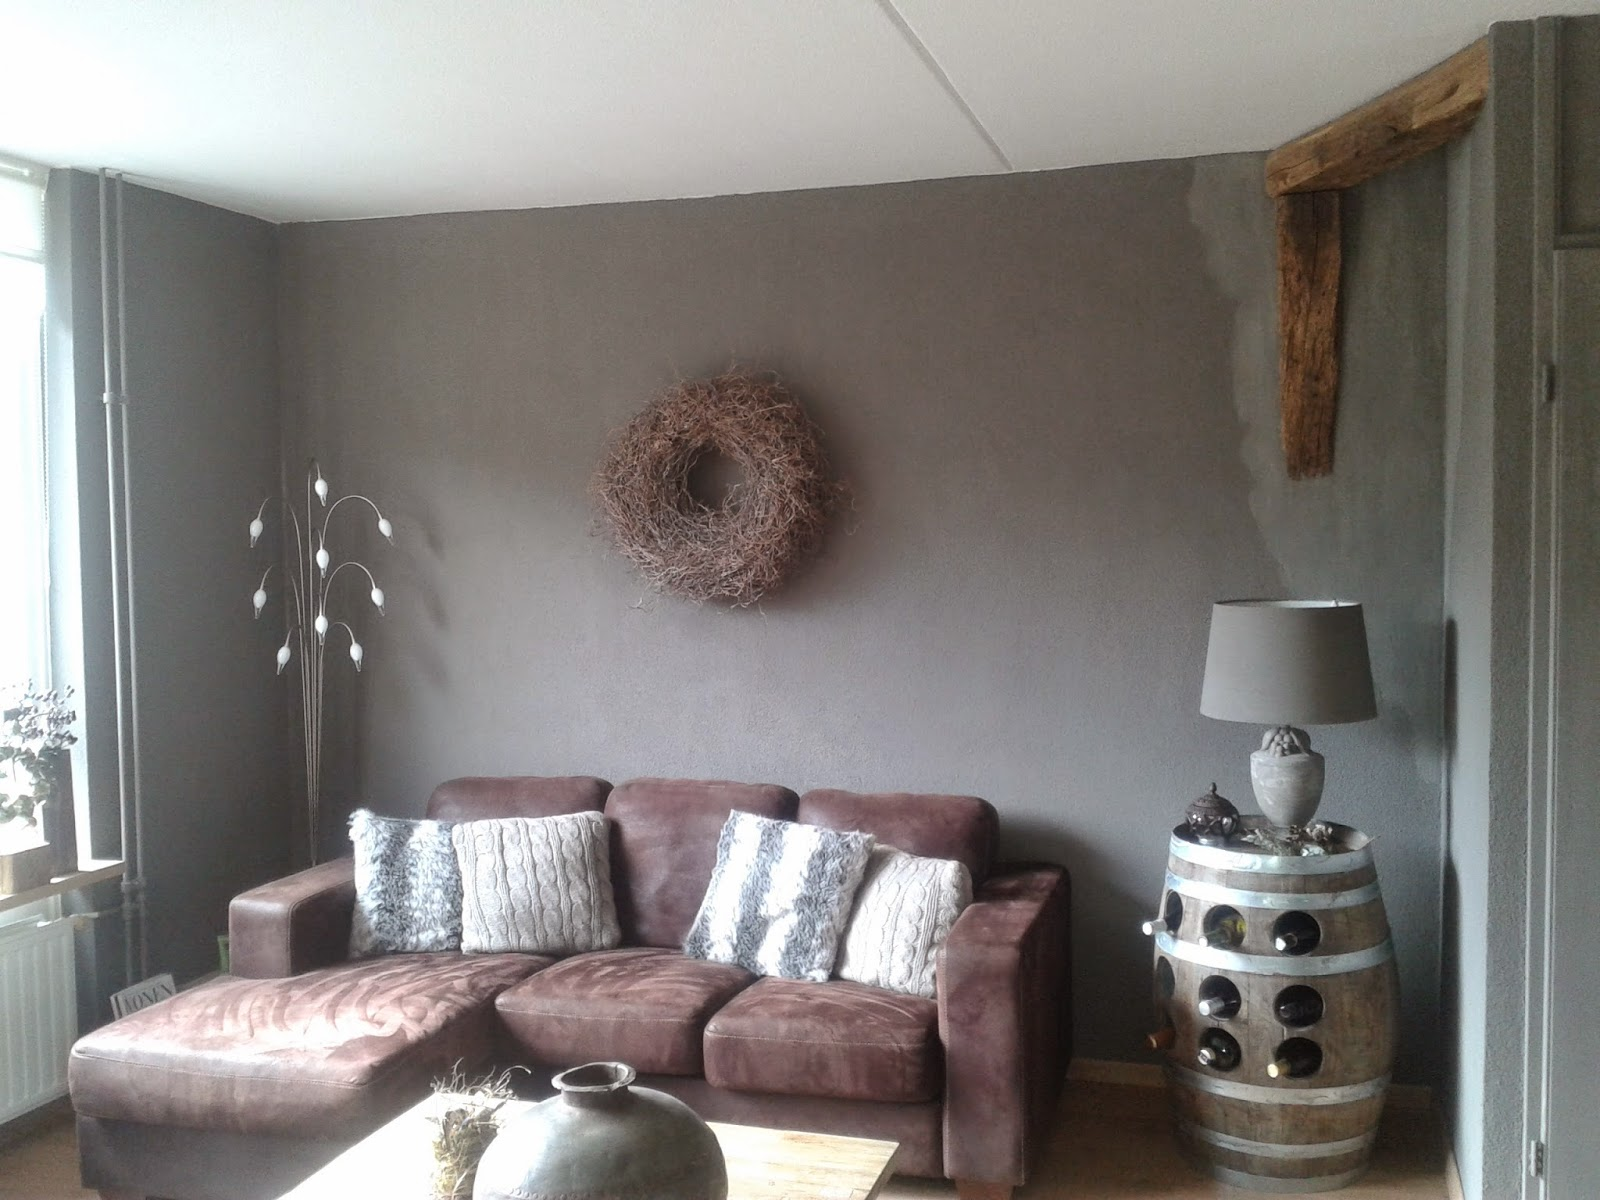 Wonen in je eigen stijl van granol muur naar krijtverf muur for Welke muur verven woonkamer